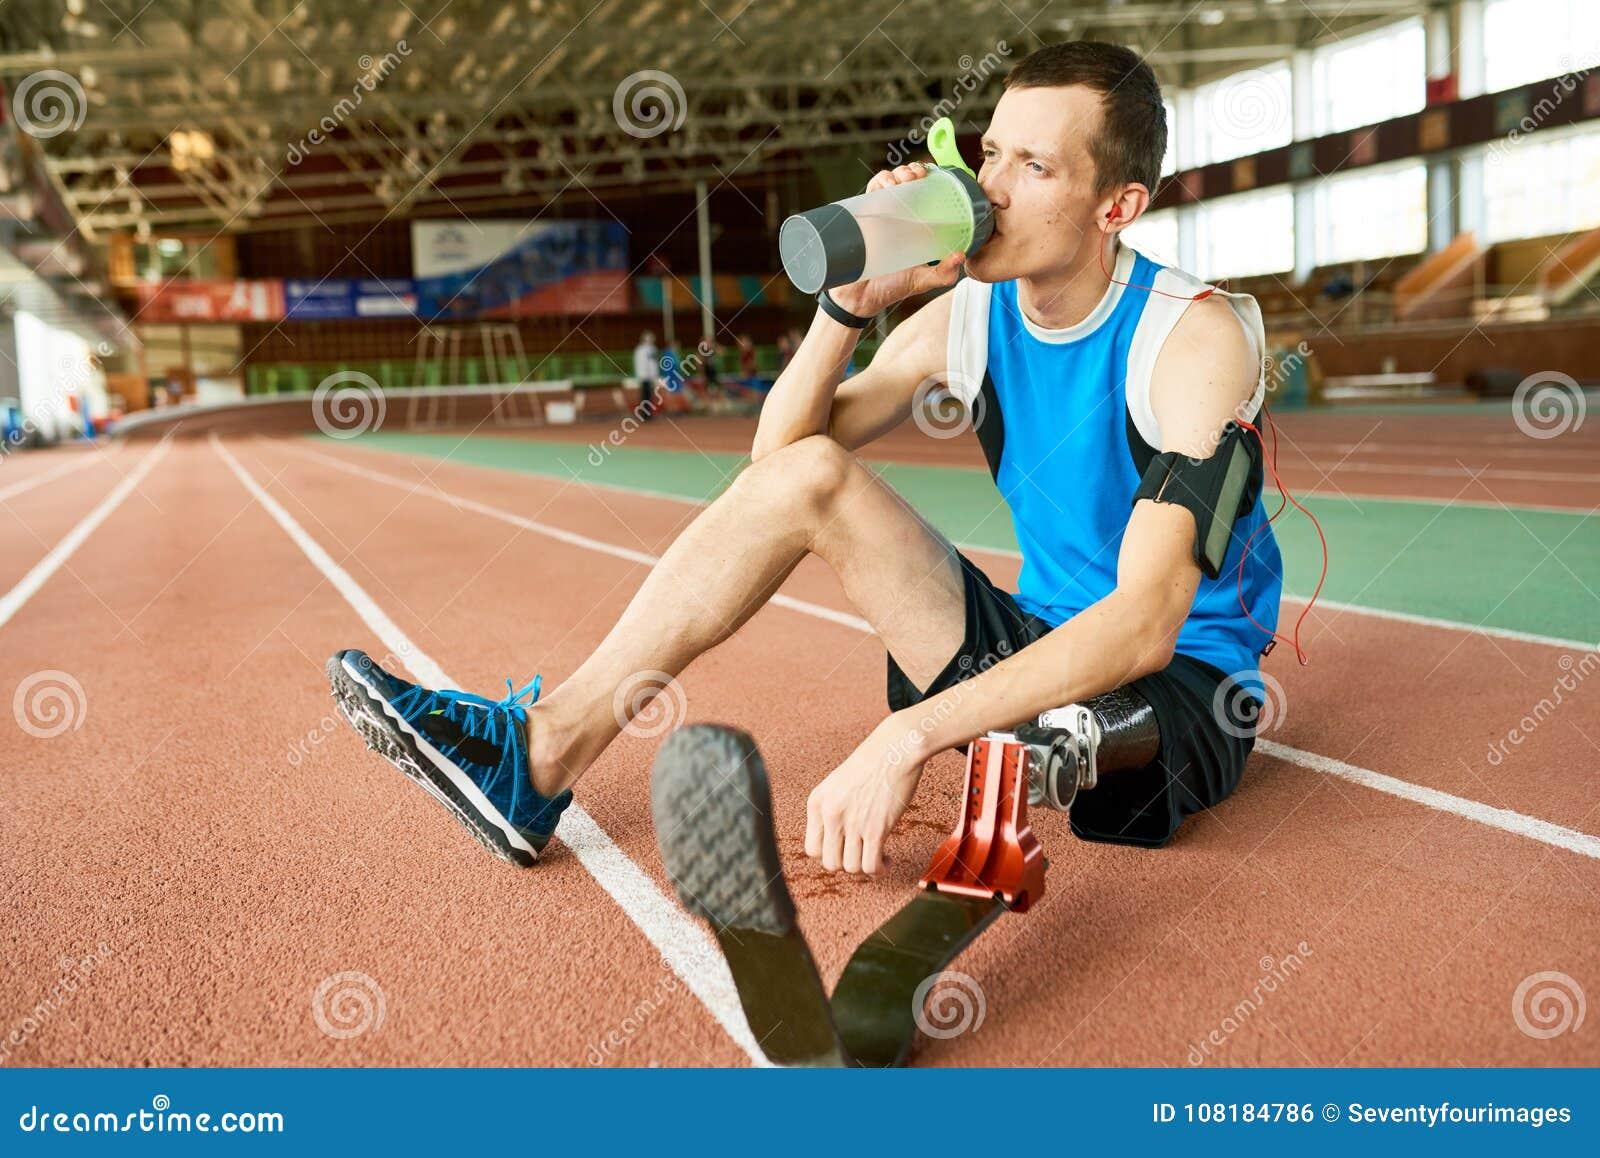 Amputee Sportsman Sitting on Stadium Track